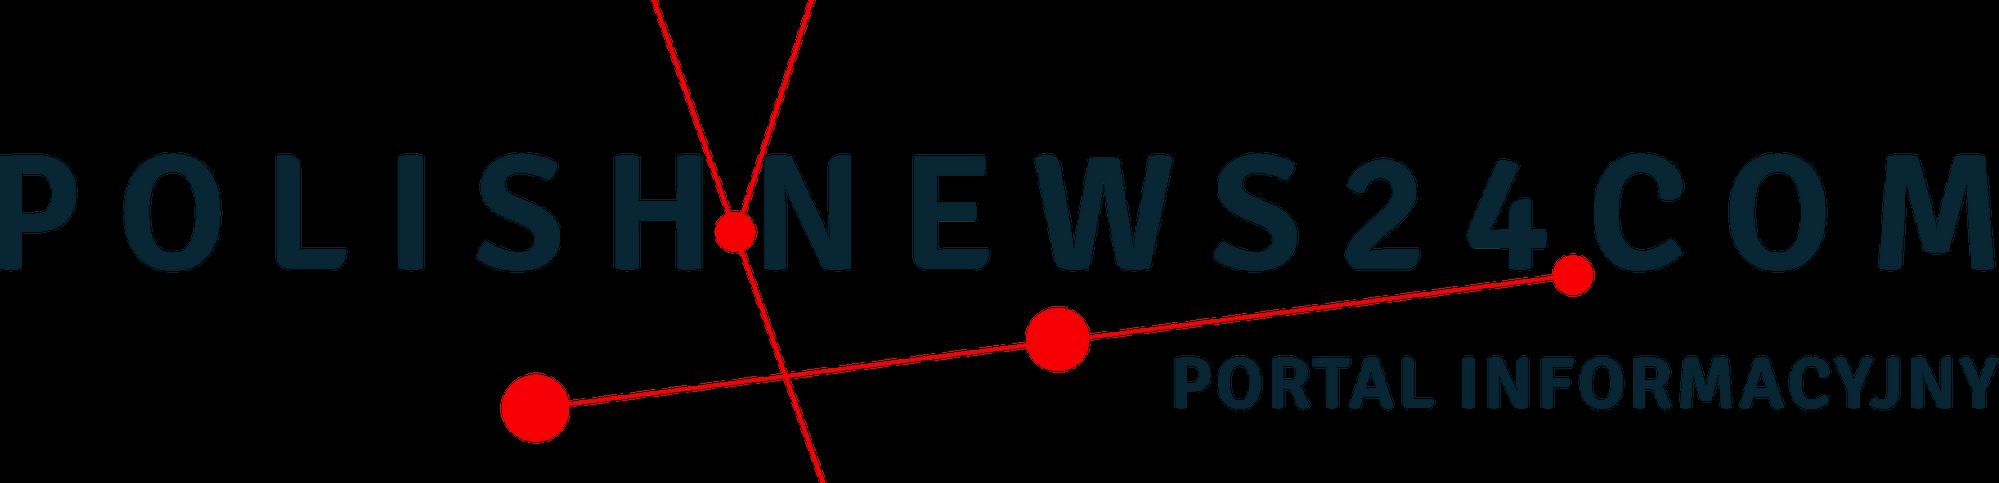 Polski, informacyjny portal polonijny Polish News 24 .com